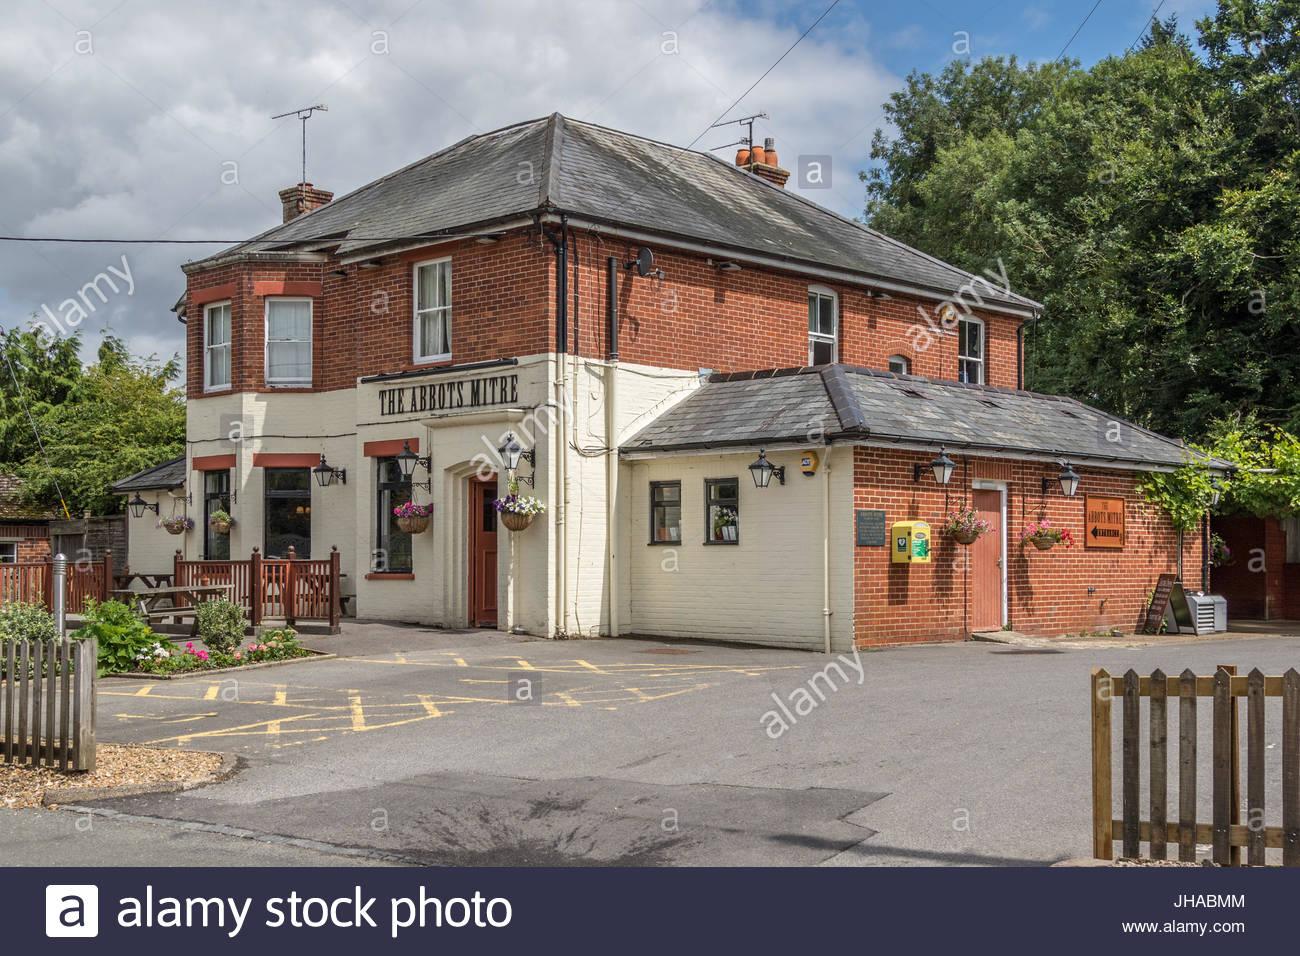 The Abbots Mitre, the village pub in Chilbolton, Hampshire - Stock Image